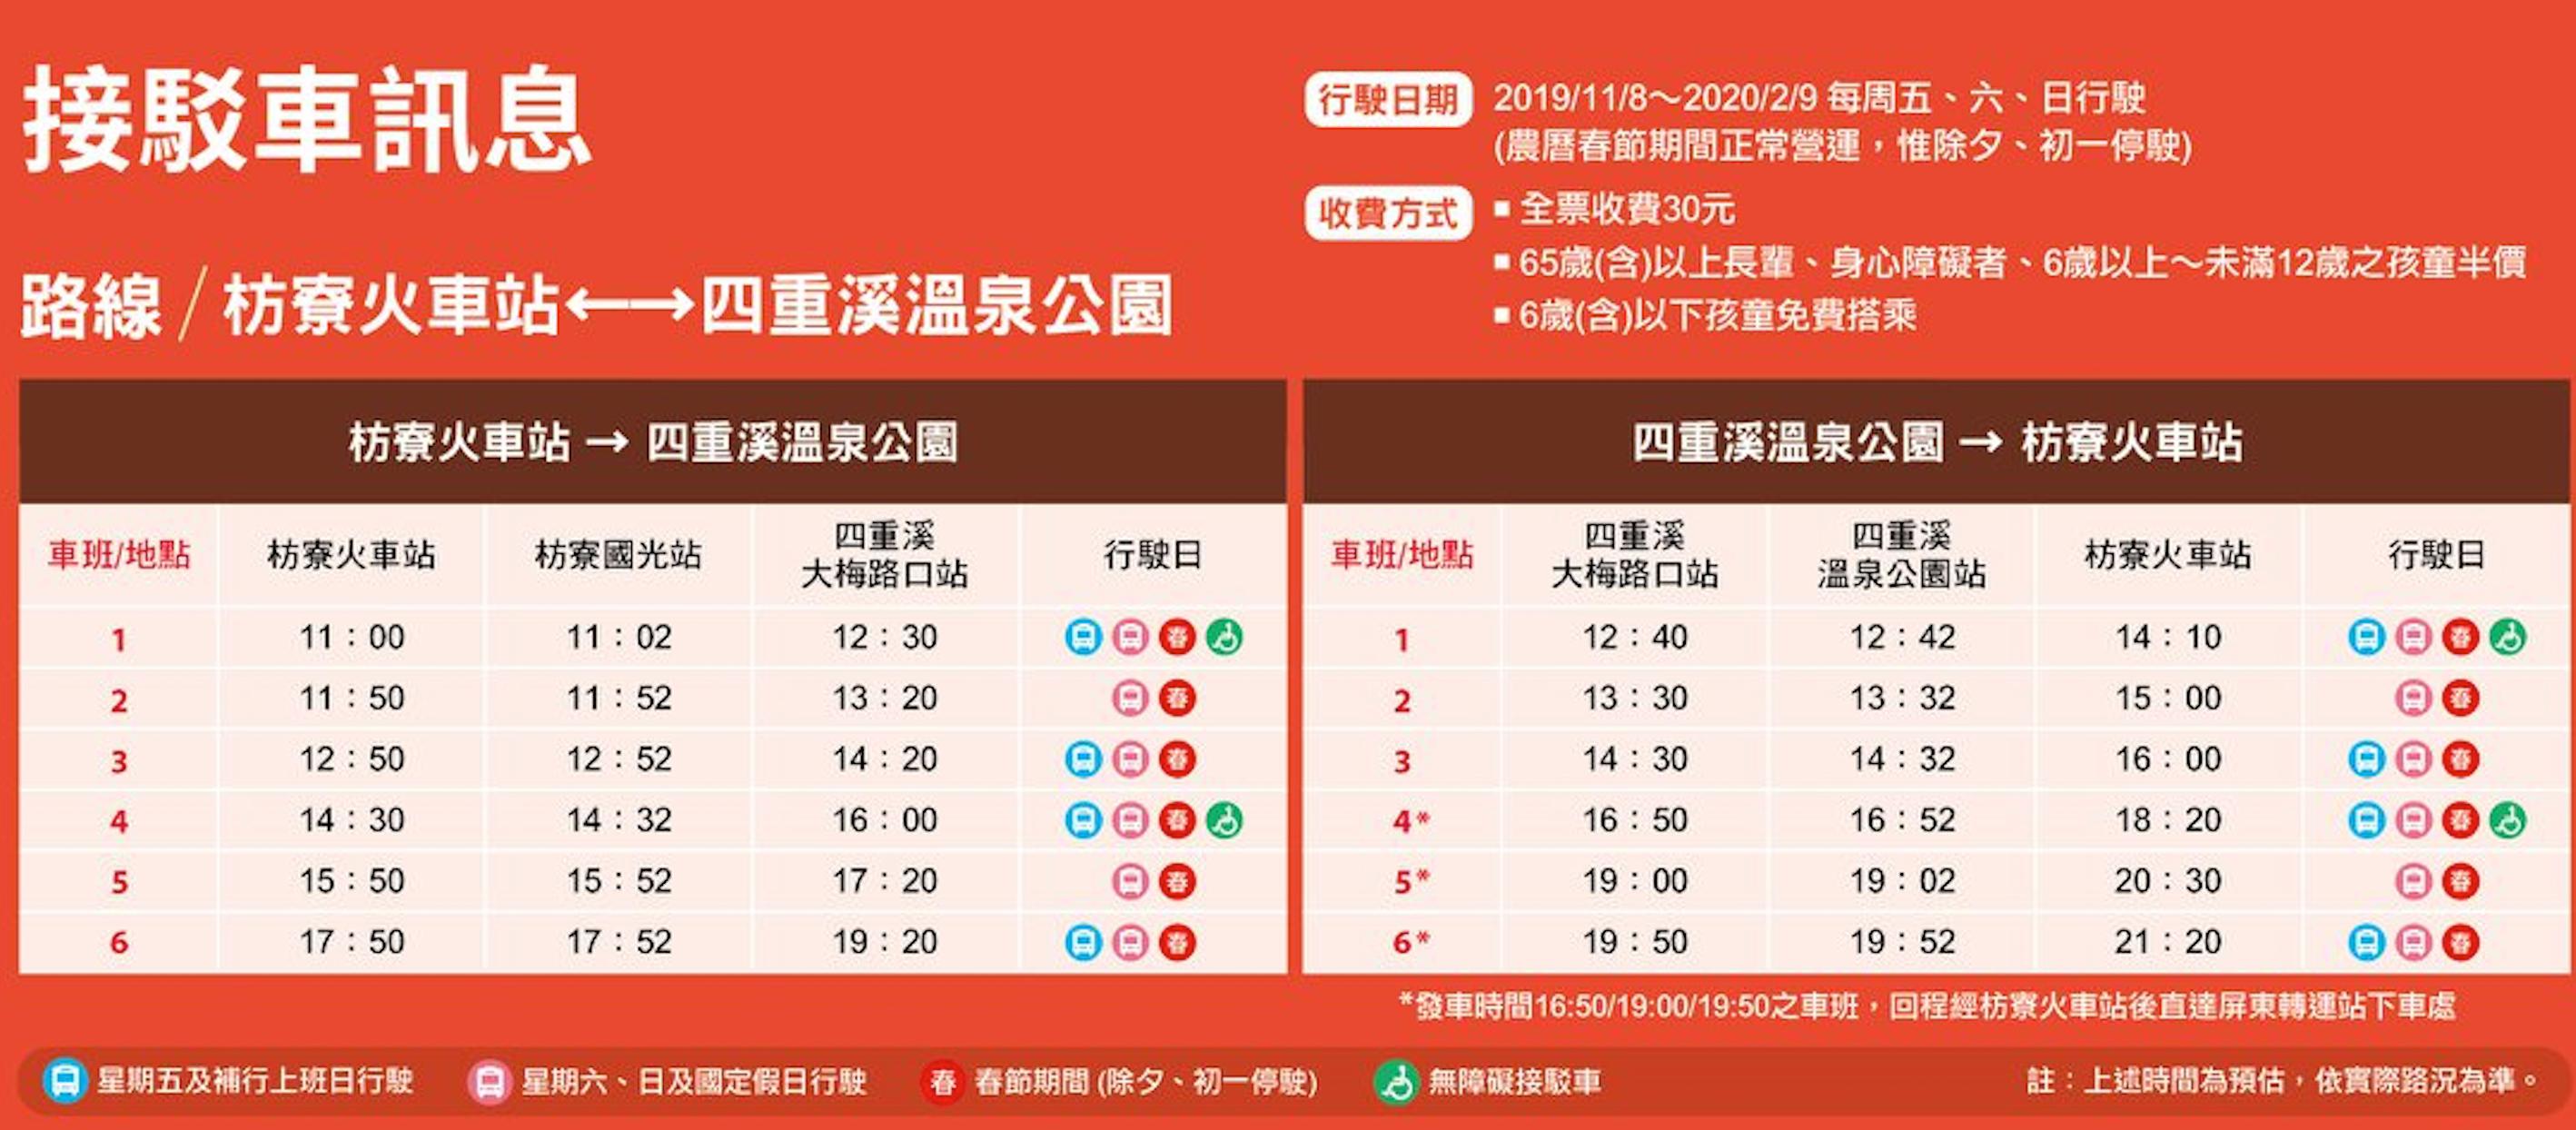 2019四重溪溫泉季交通資訊